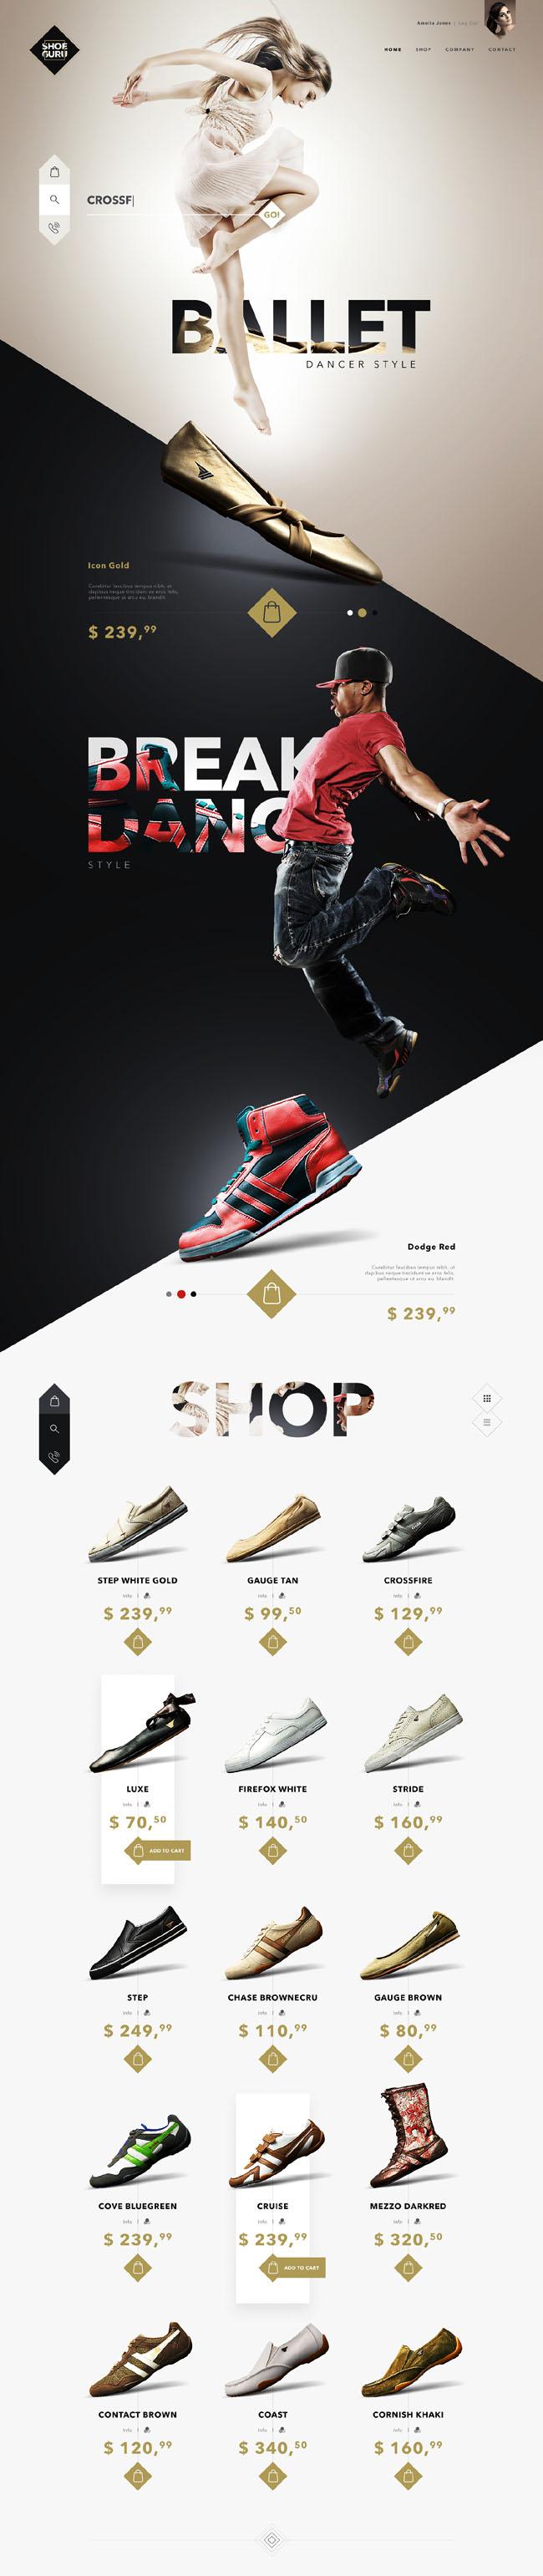 国外SHOE GURU鞋子商城时尚网页设计欣赏